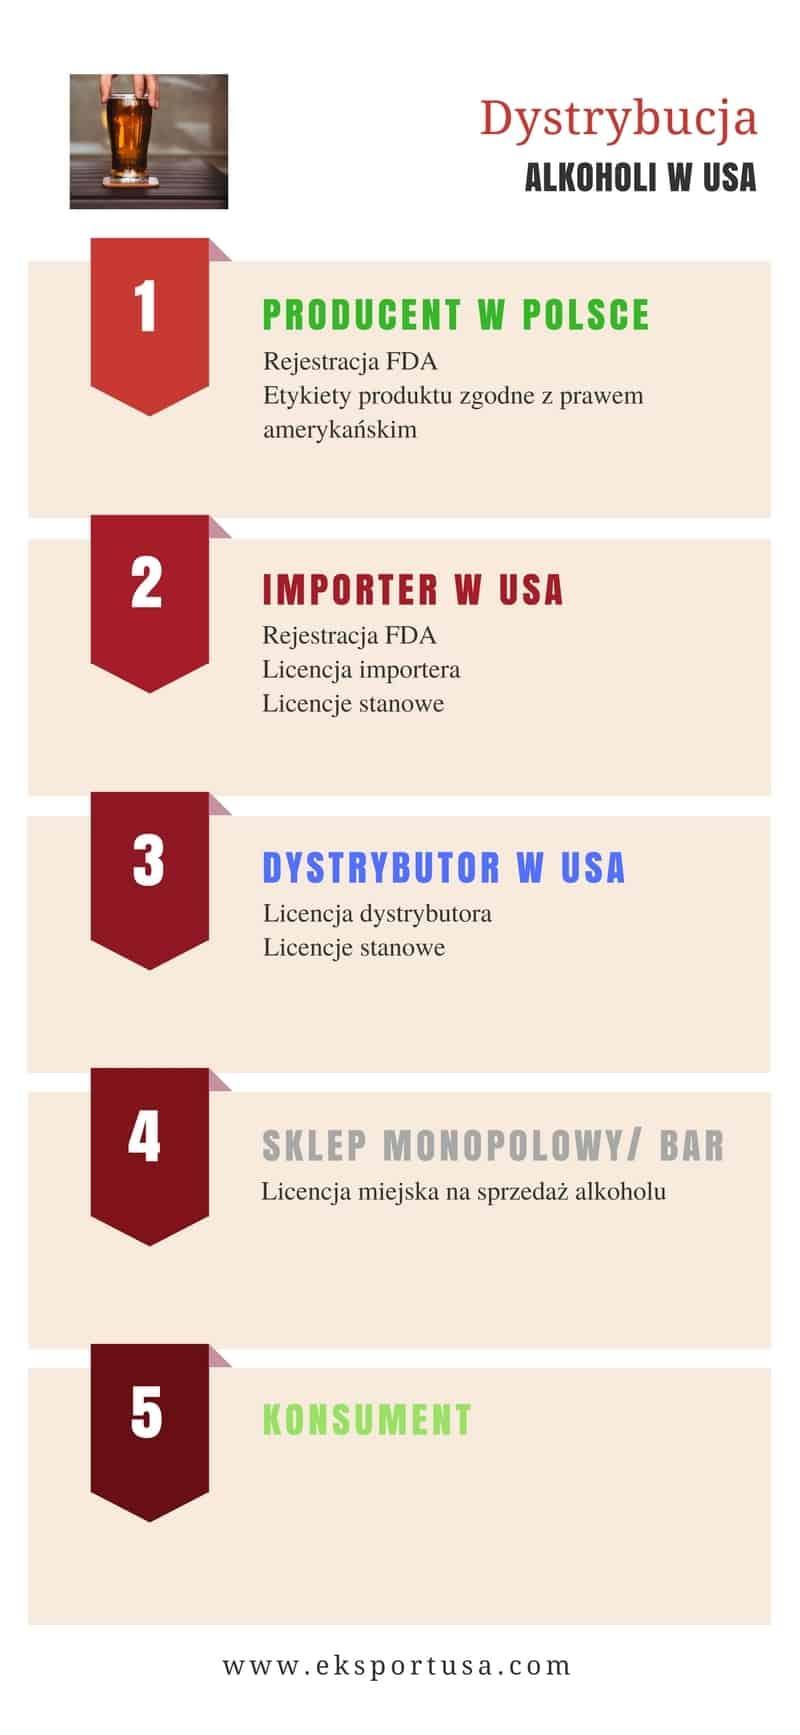 dystrybucja alkoholi w USA